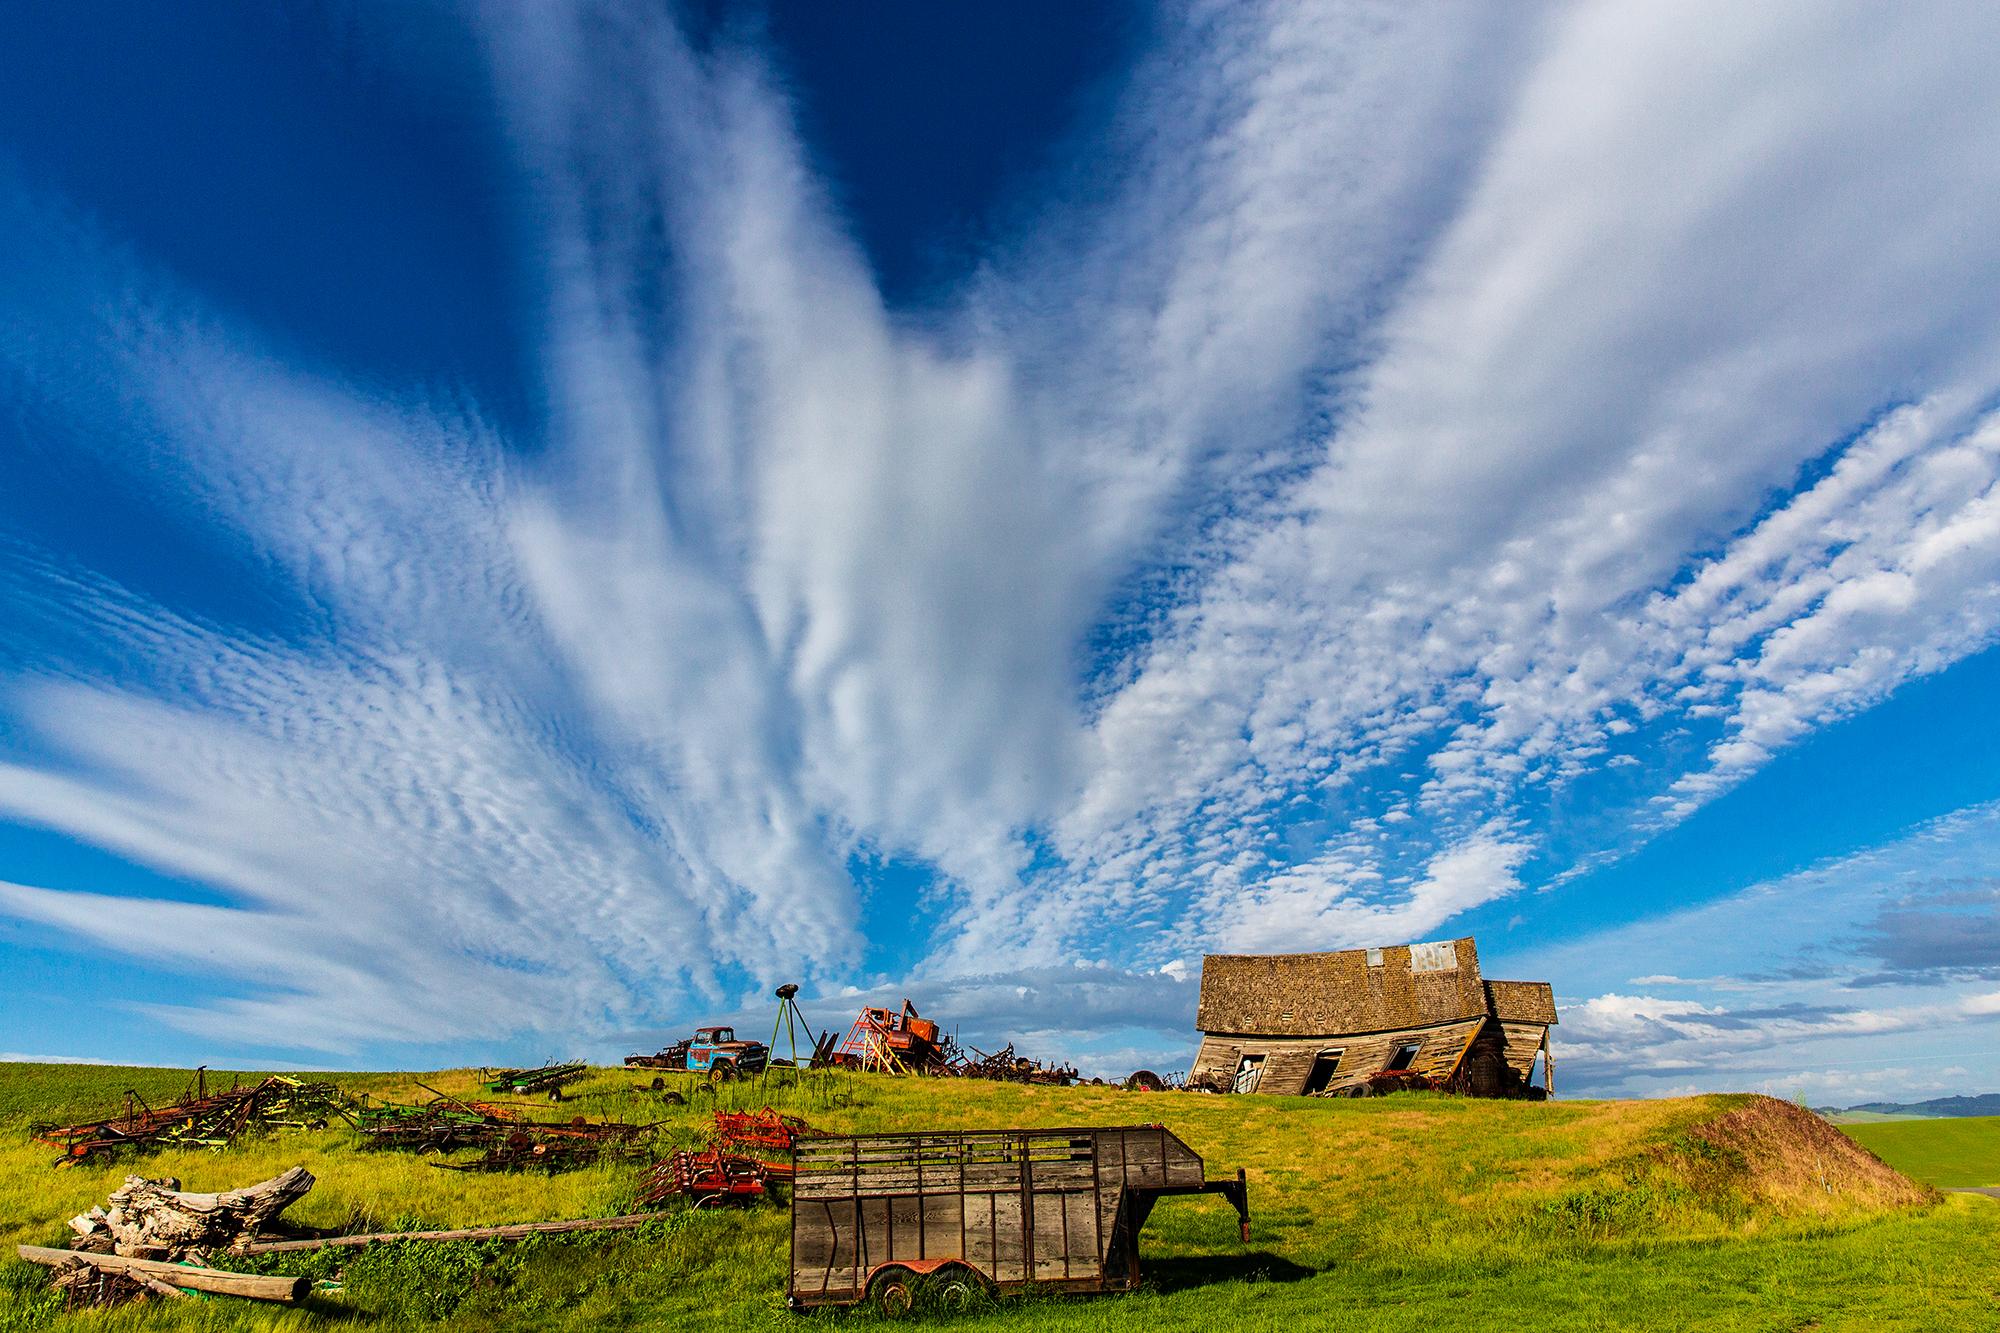 Palouse farm house wild clouds.jpg